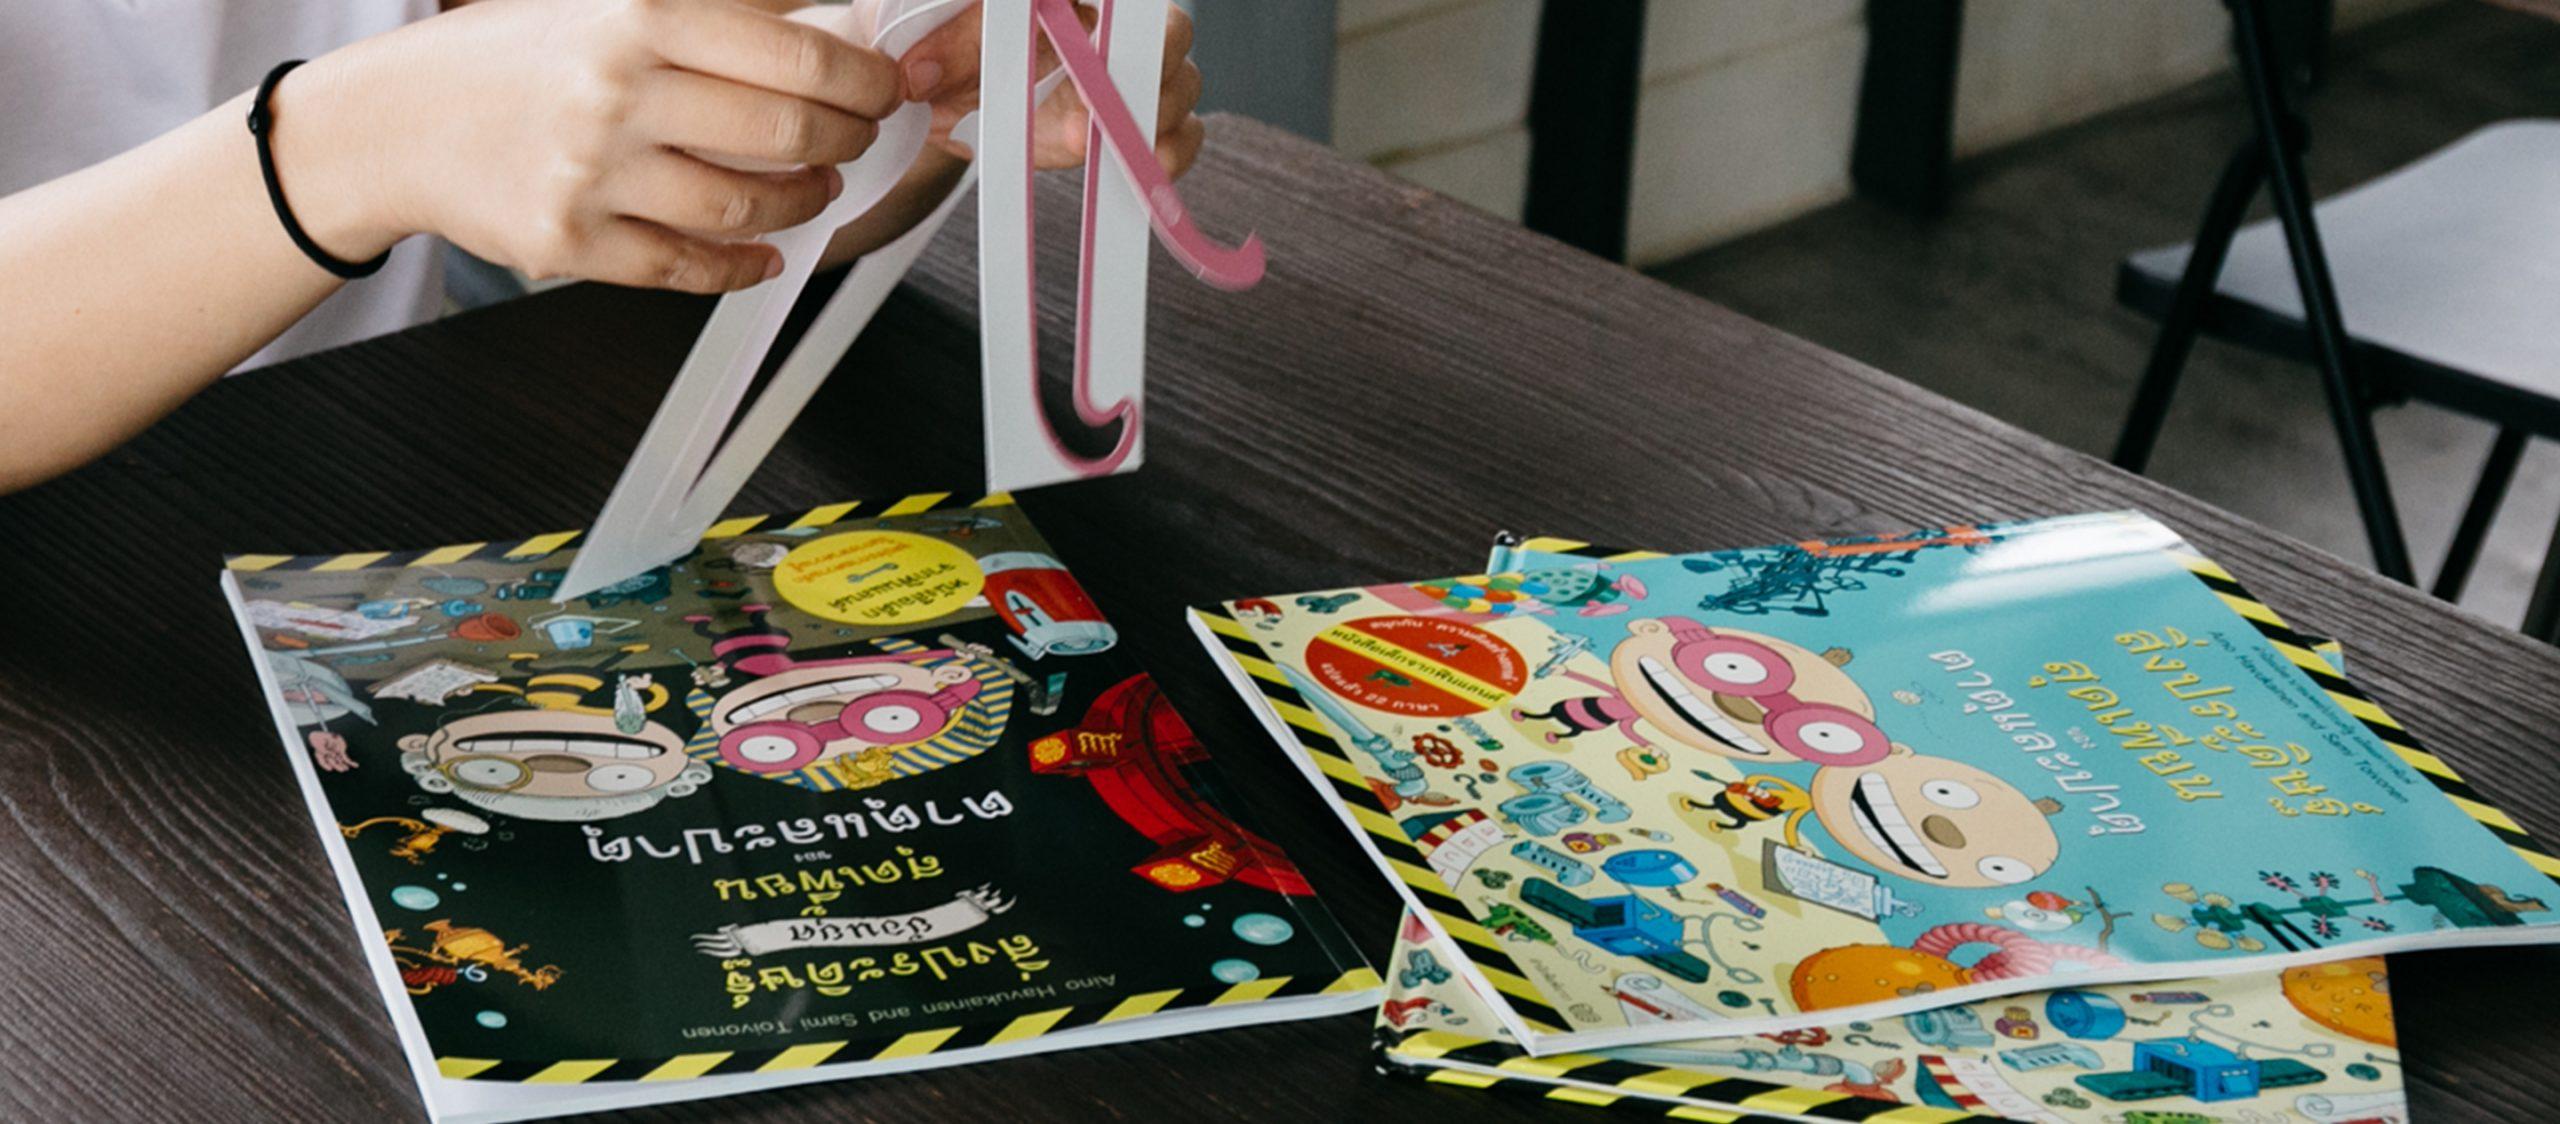 'สำนักพิมพ์นาวา' กับภารกิจพาสิ่งประดิษฐ์เพี้ยนๆ จากฟินแลนด์ข้ามทะเลมาเติมความครีเอทีฟให้เด็กไทย